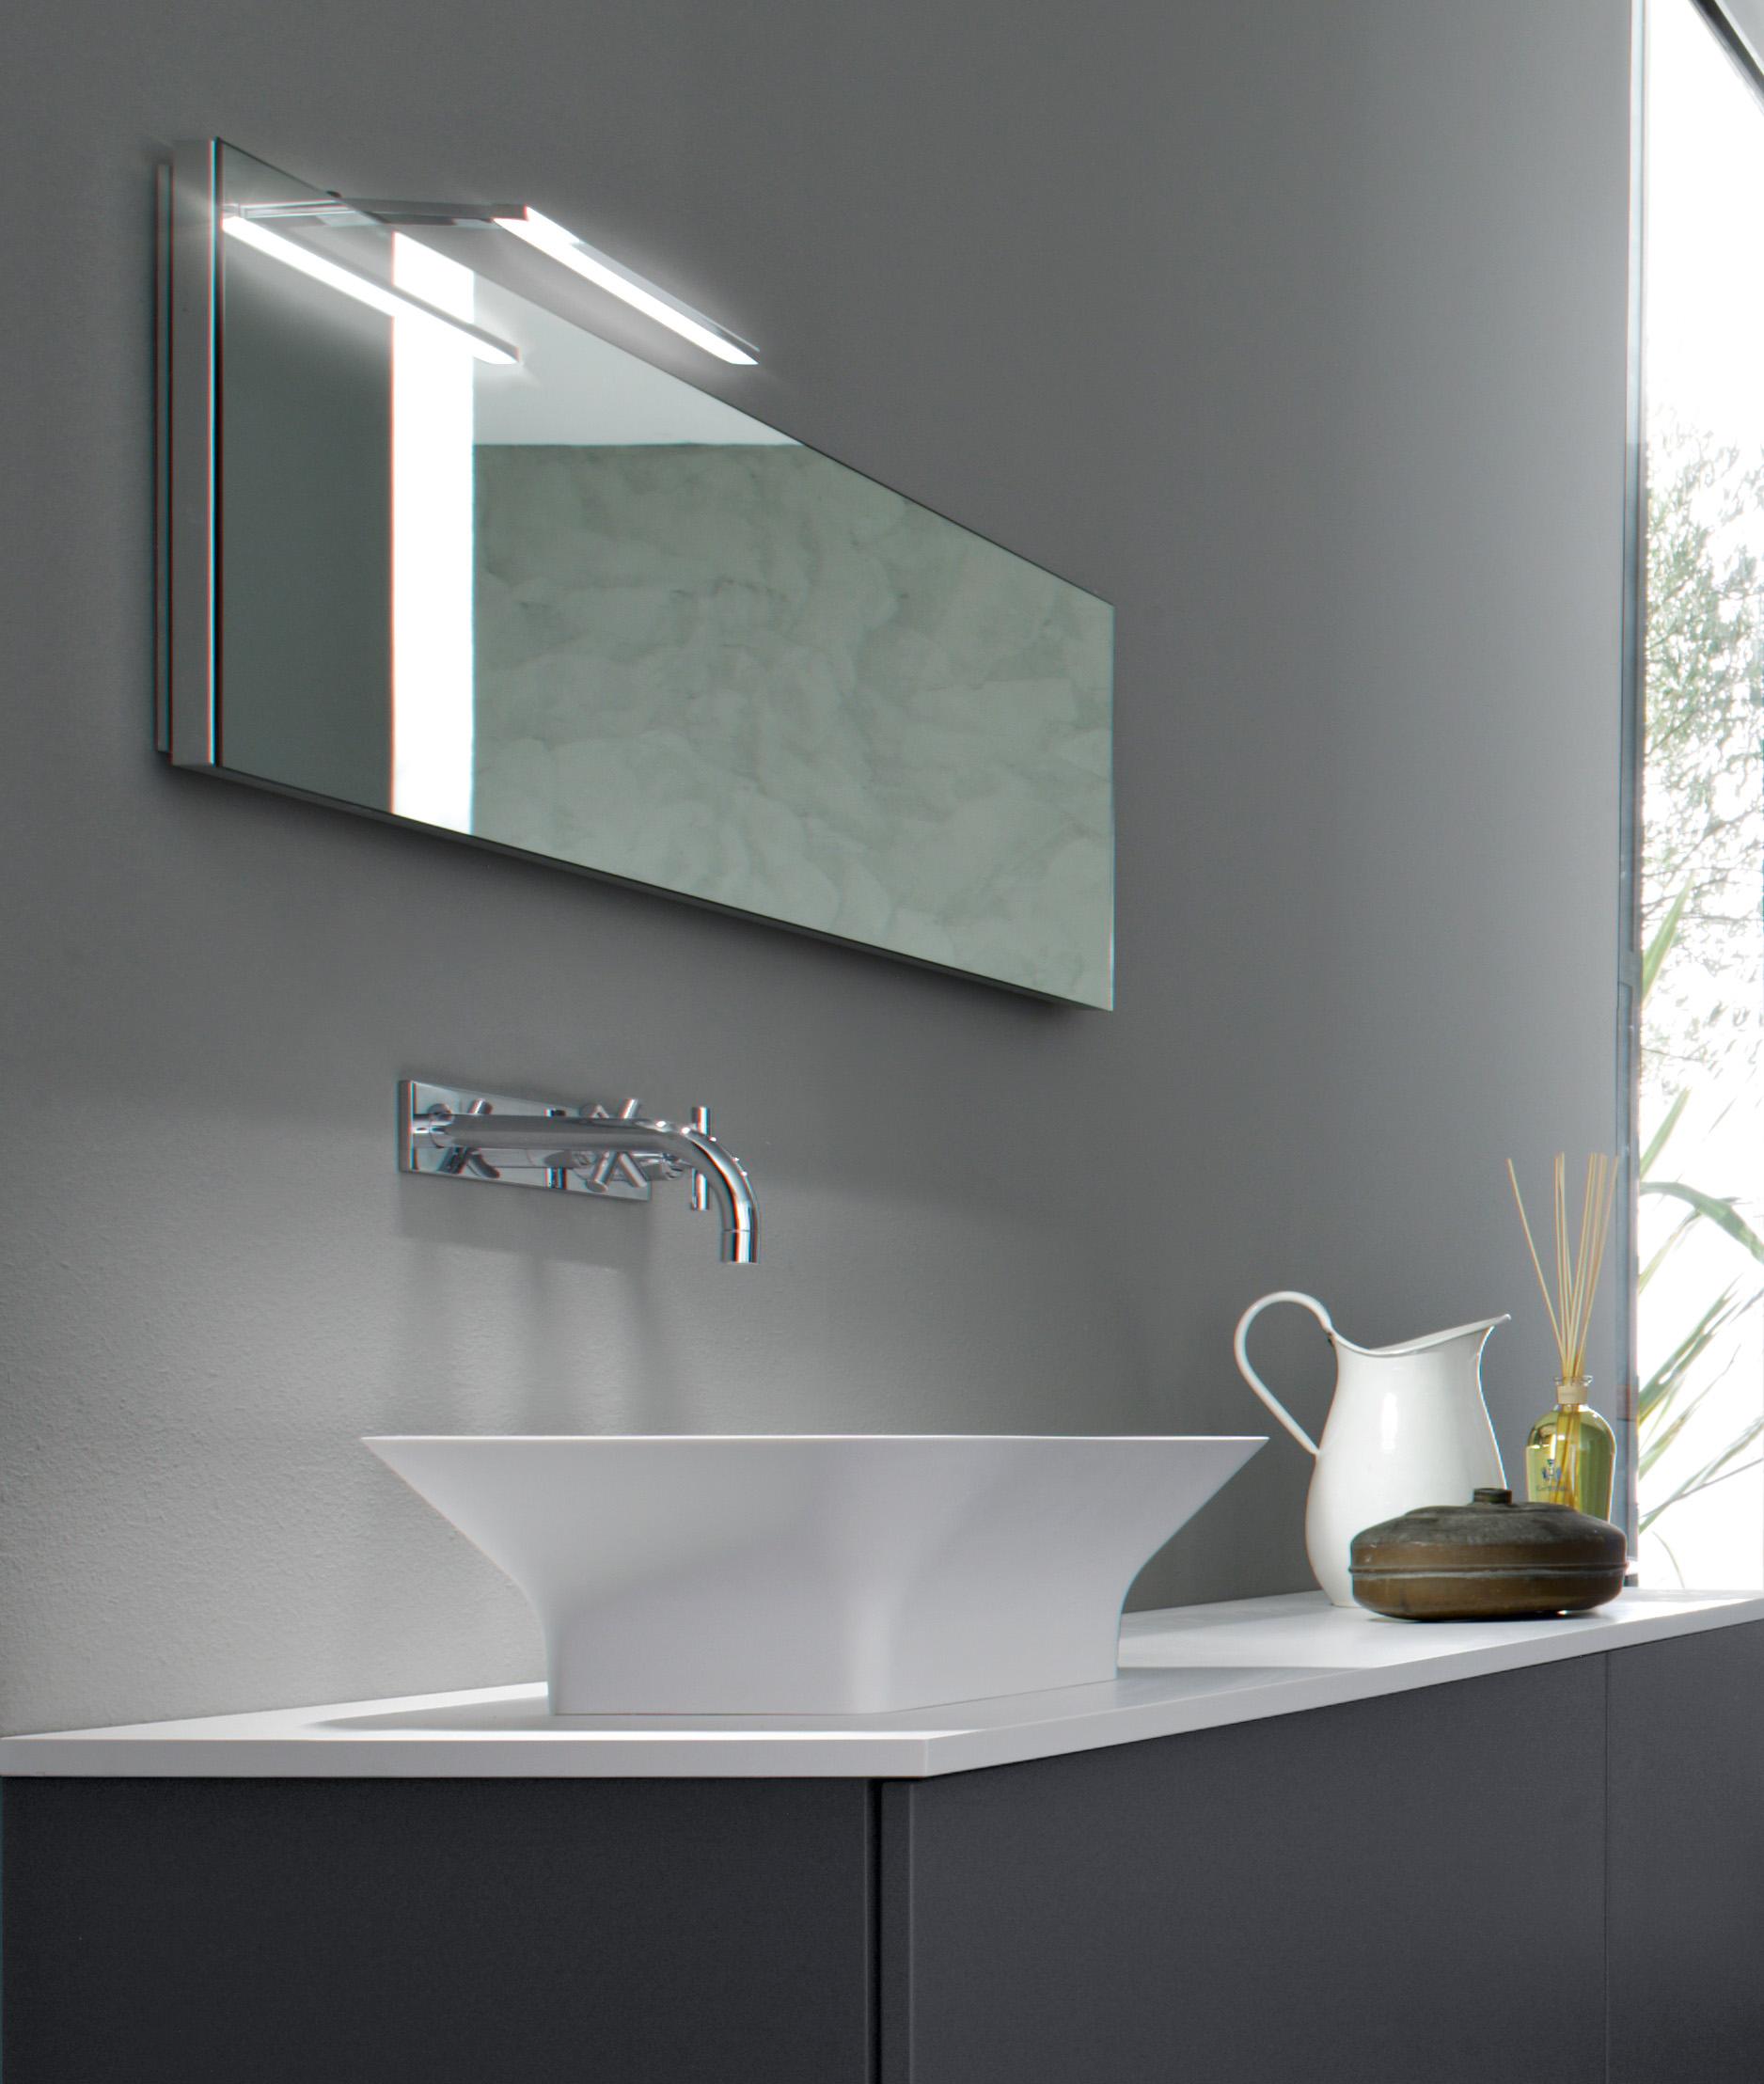 Elle nuova lampada led per il bagno arredativo design - Illuminazione led per bagno ...